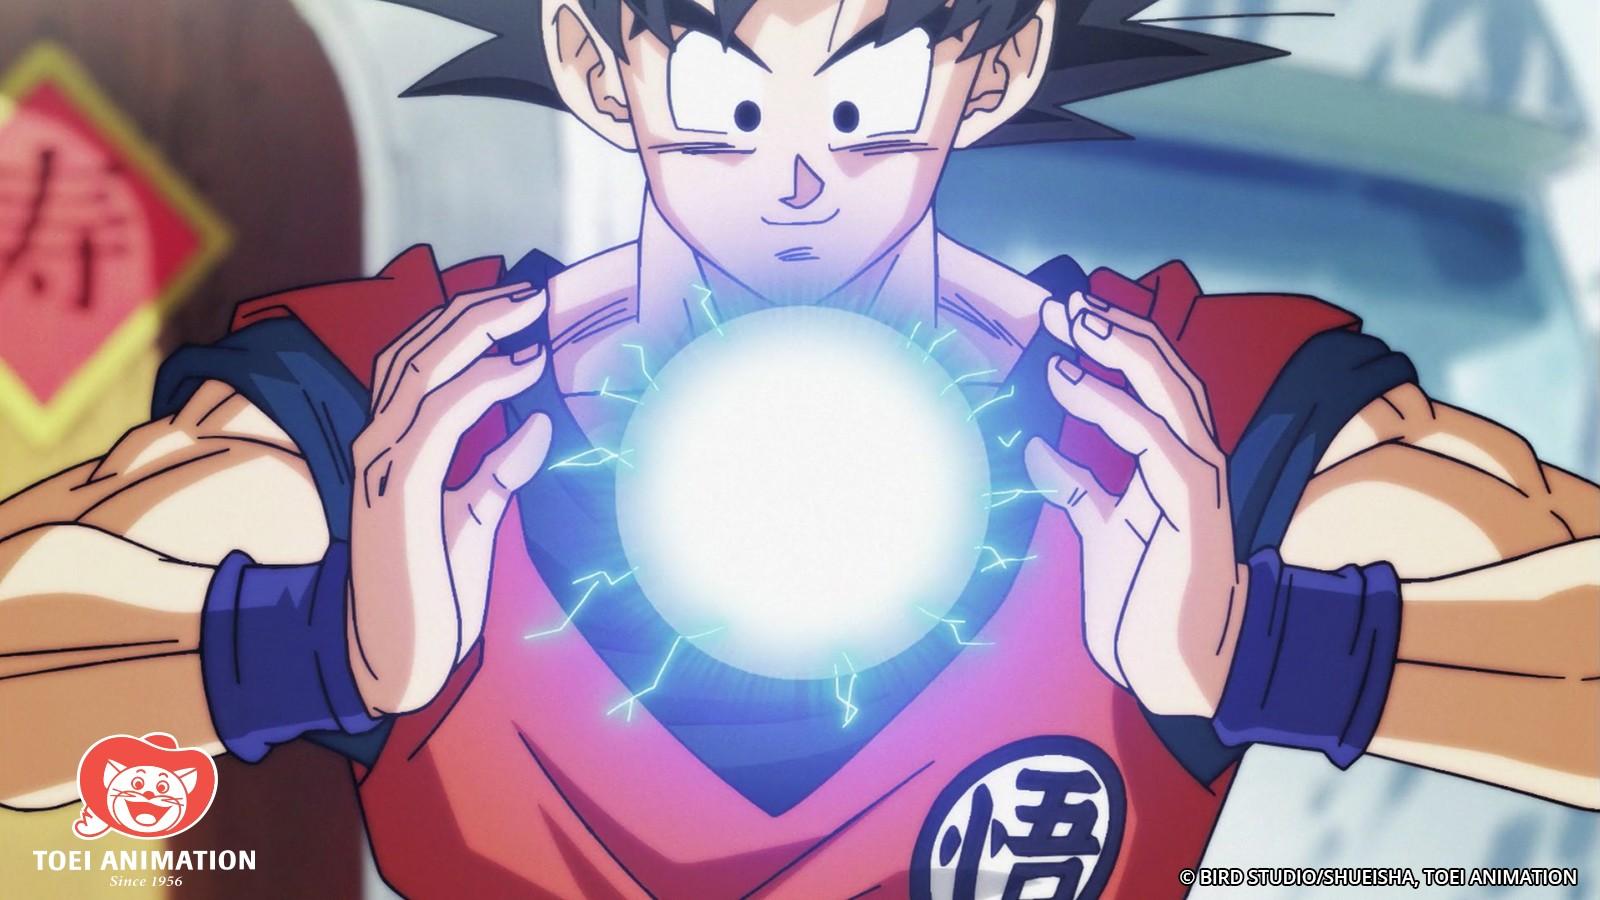 Goku Energy Orb Dragon Ball Super